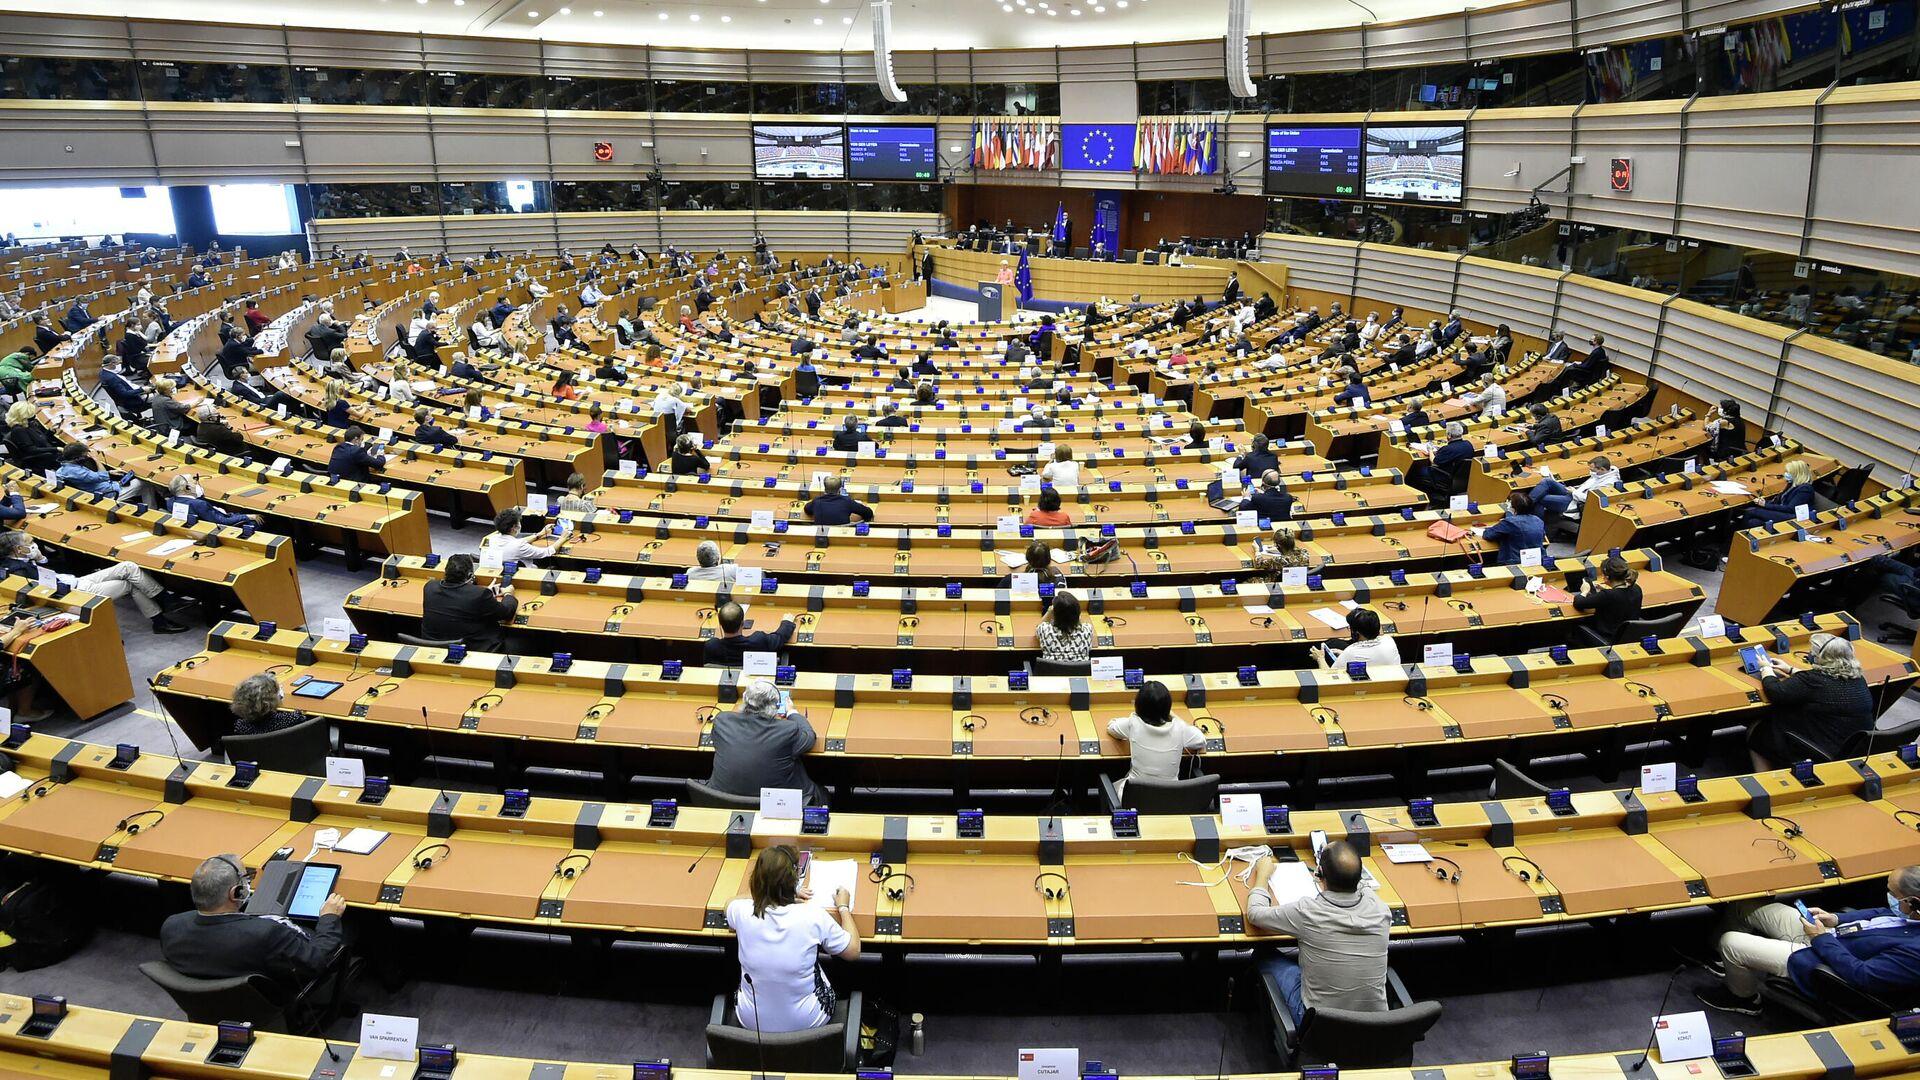 Пленарное заседание в Европейском парламенте в Брюсселе - РИА Новости, 1920, 19.09.2020